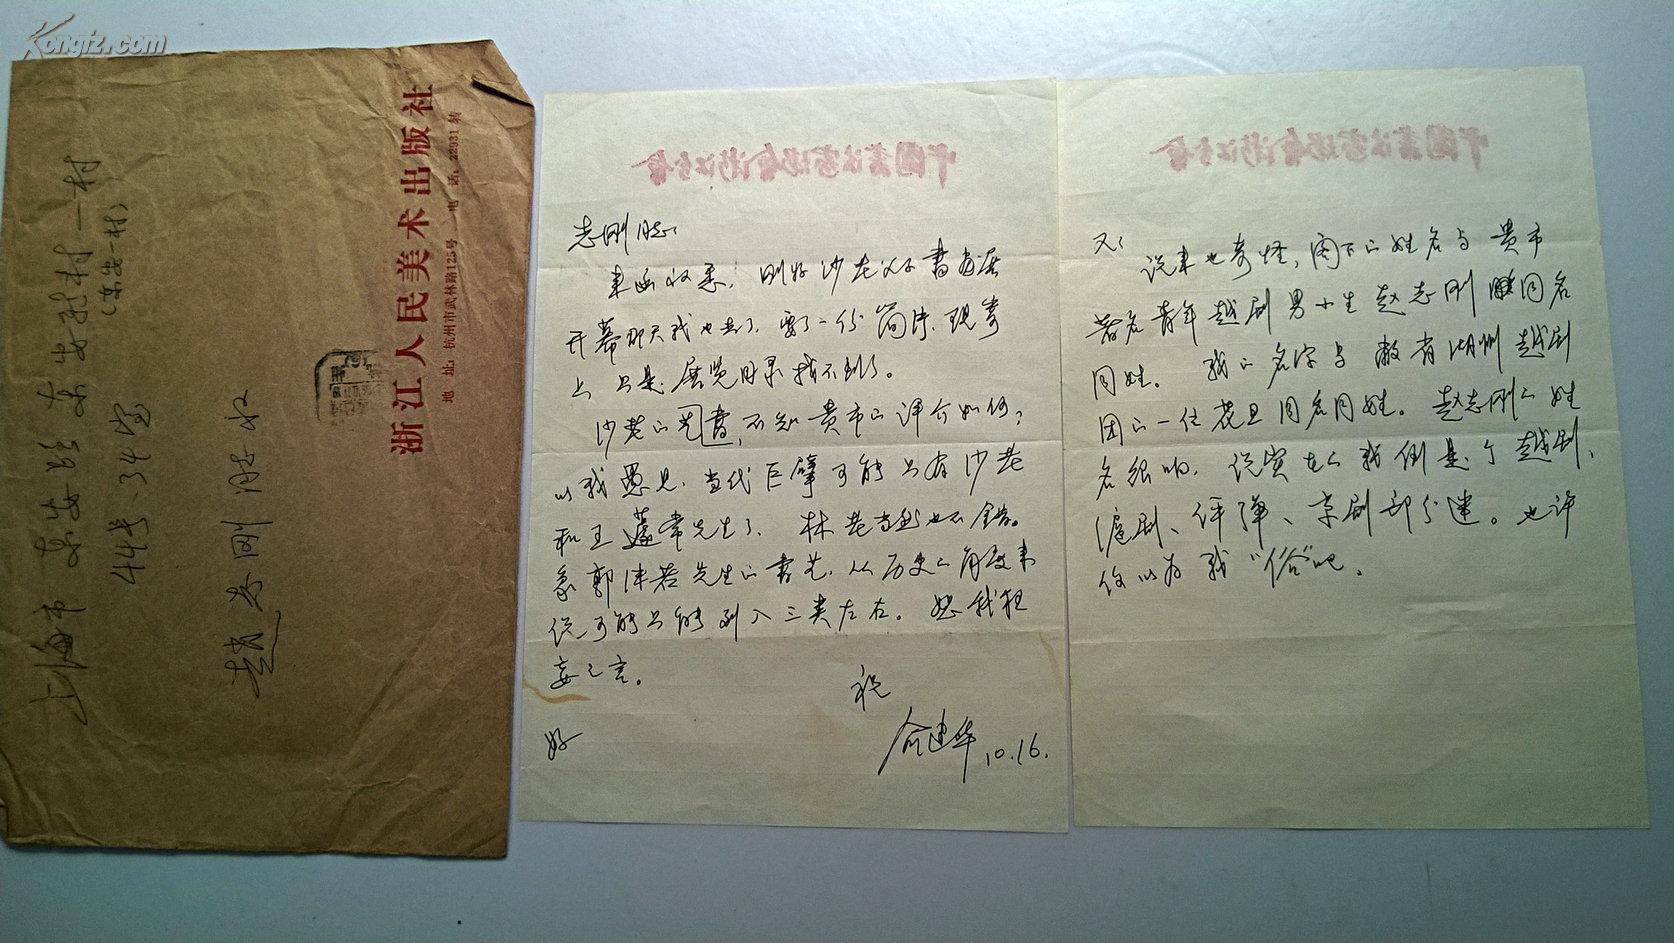 赵志刚先生上款信札之519 俞建华先生手札 当代著名书法家